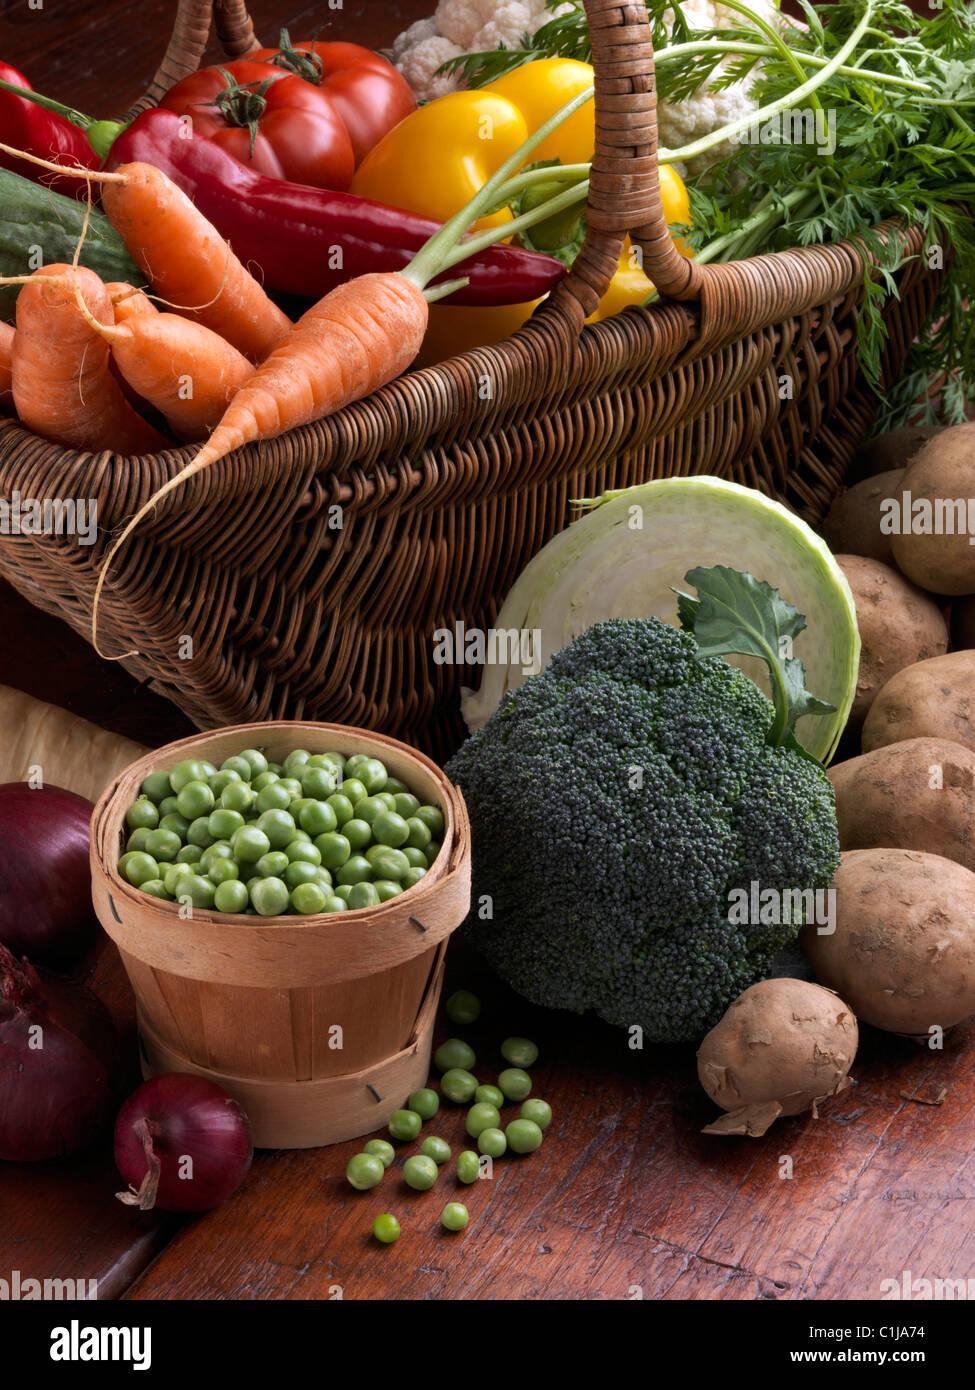 Cesta de mimbre de verduras crudas Tomates Zanahorias pimiento amarillo rojo dulce guisantes coliflor brócoli Imagen De Stock